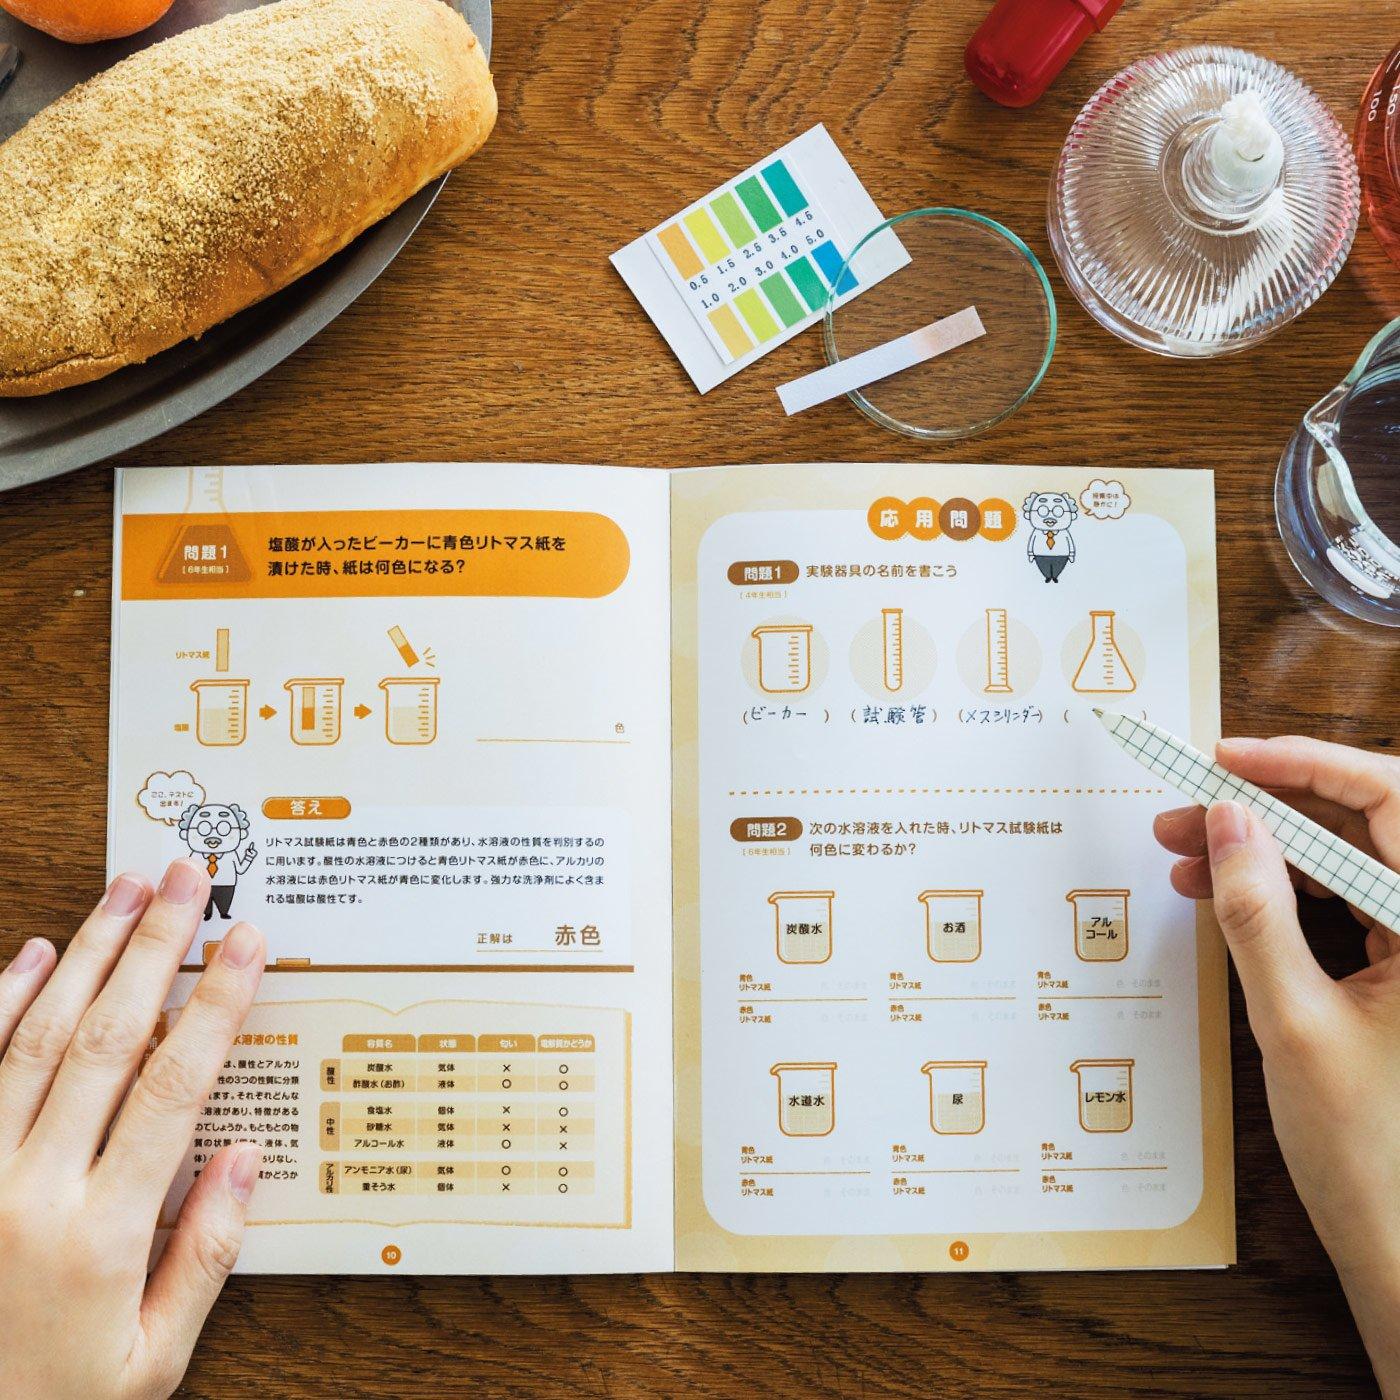 国語・算数・理科・社会 大人の学び直しプログラム [6回予約プログラム]